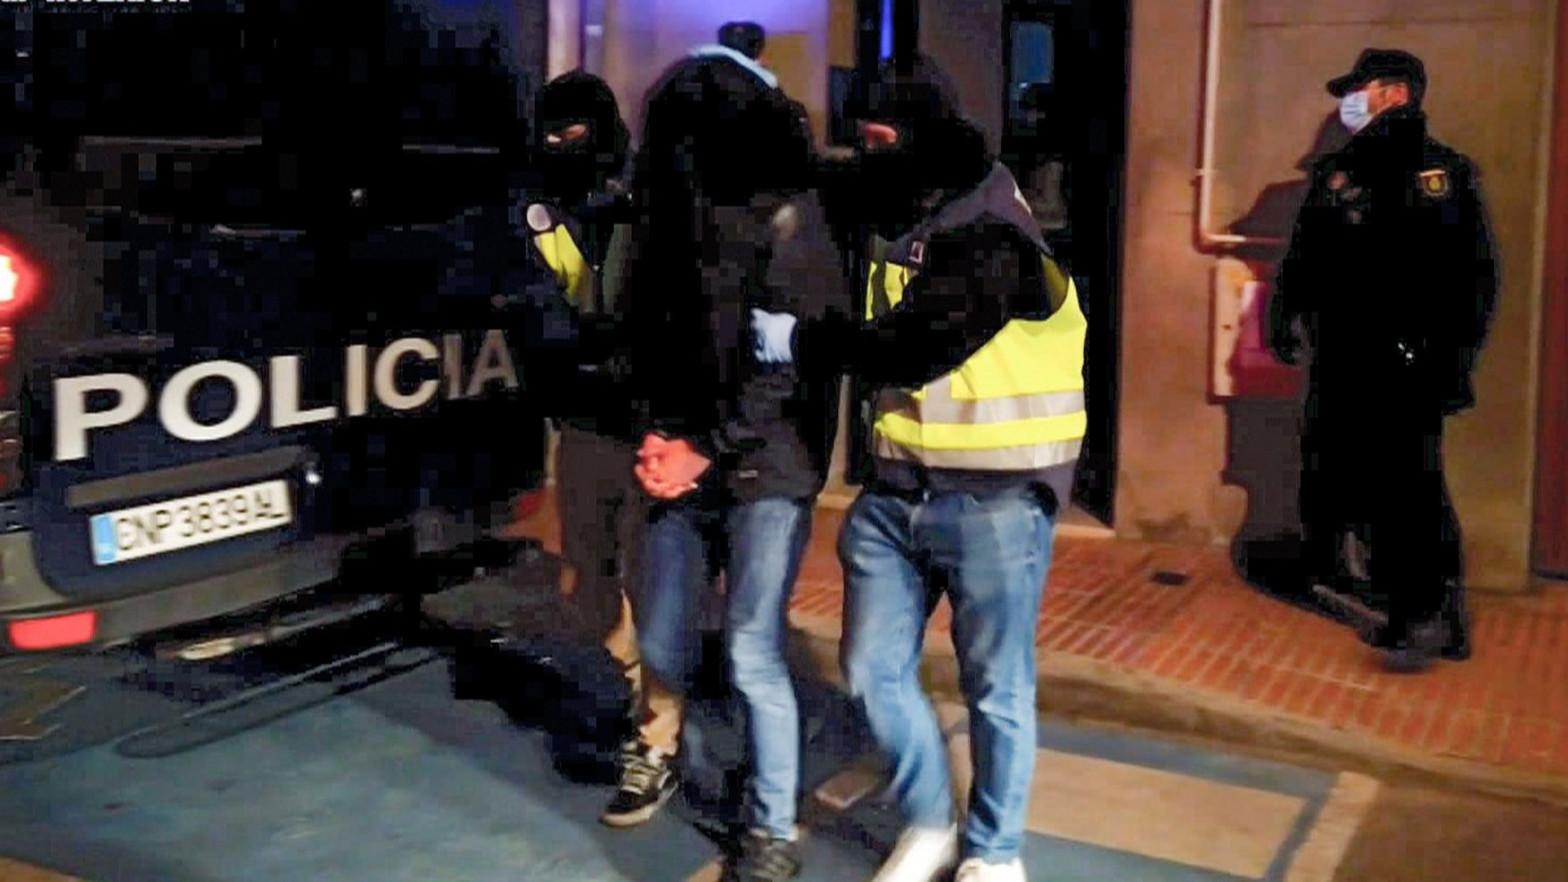 La Policía detiene a un individuo acusado de yihadismo